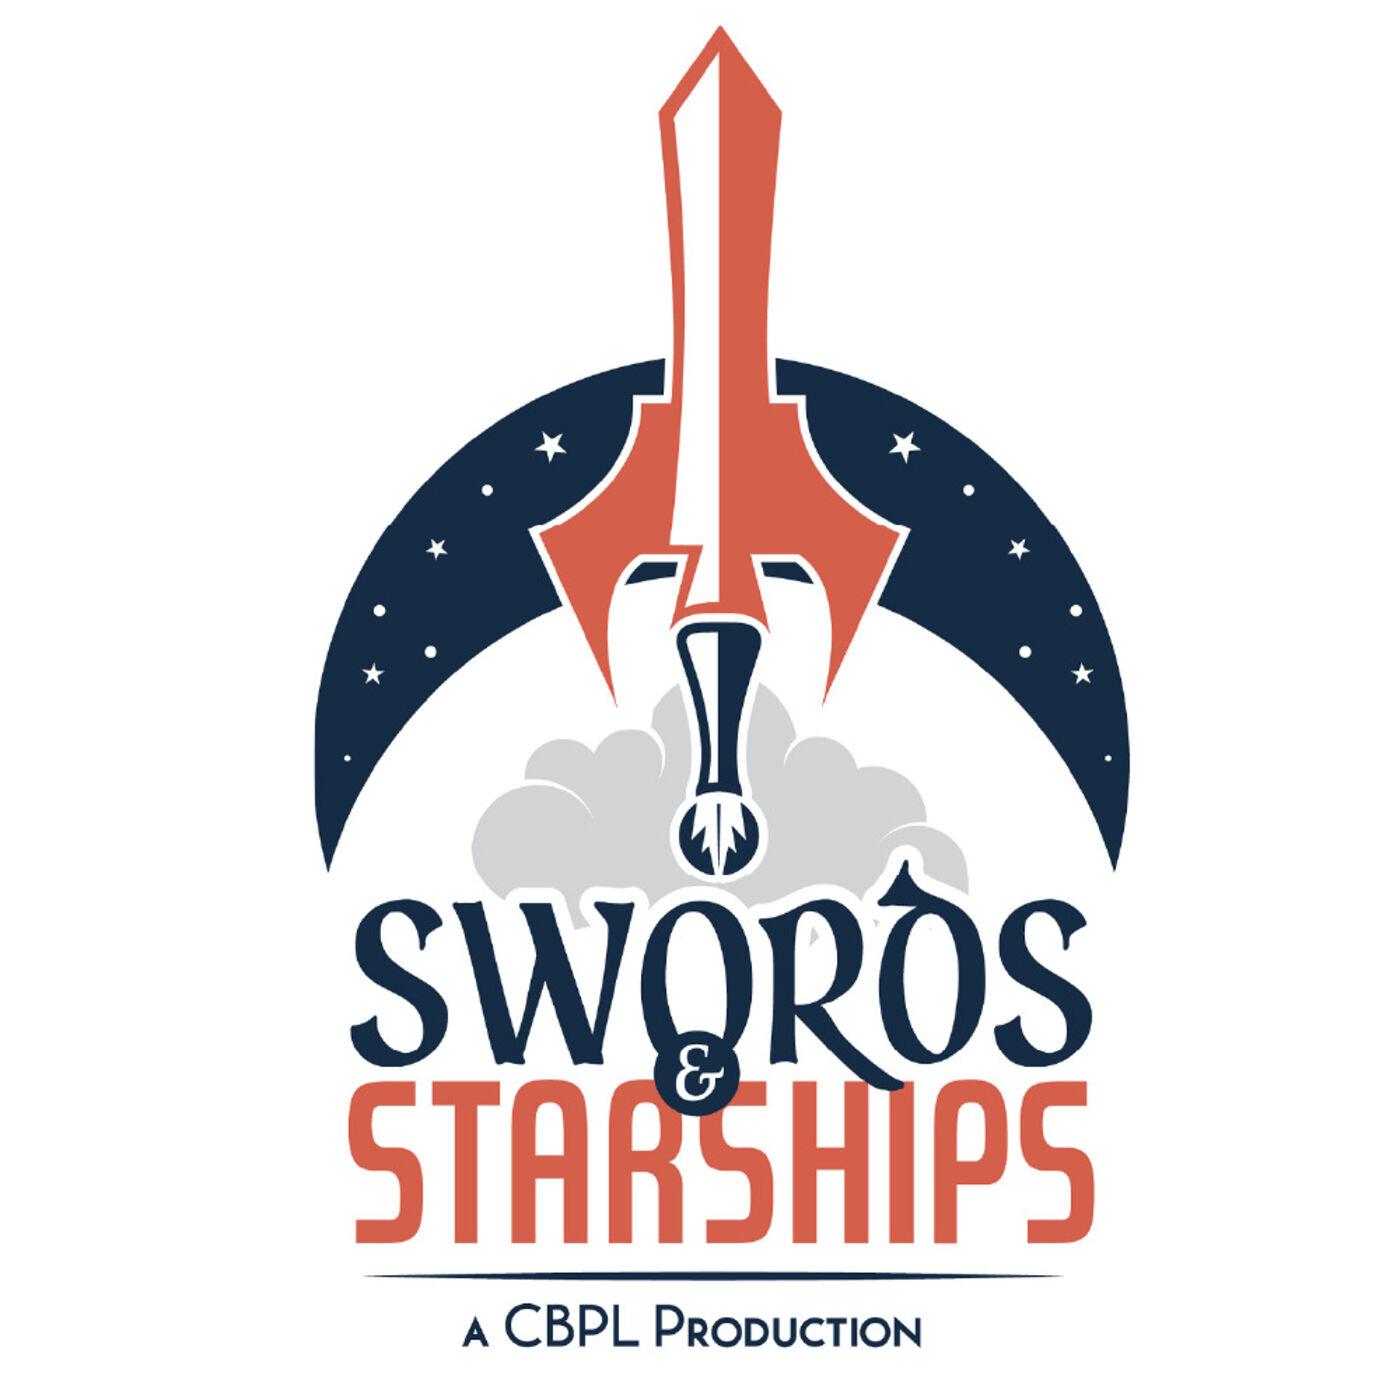 Swords & Starships